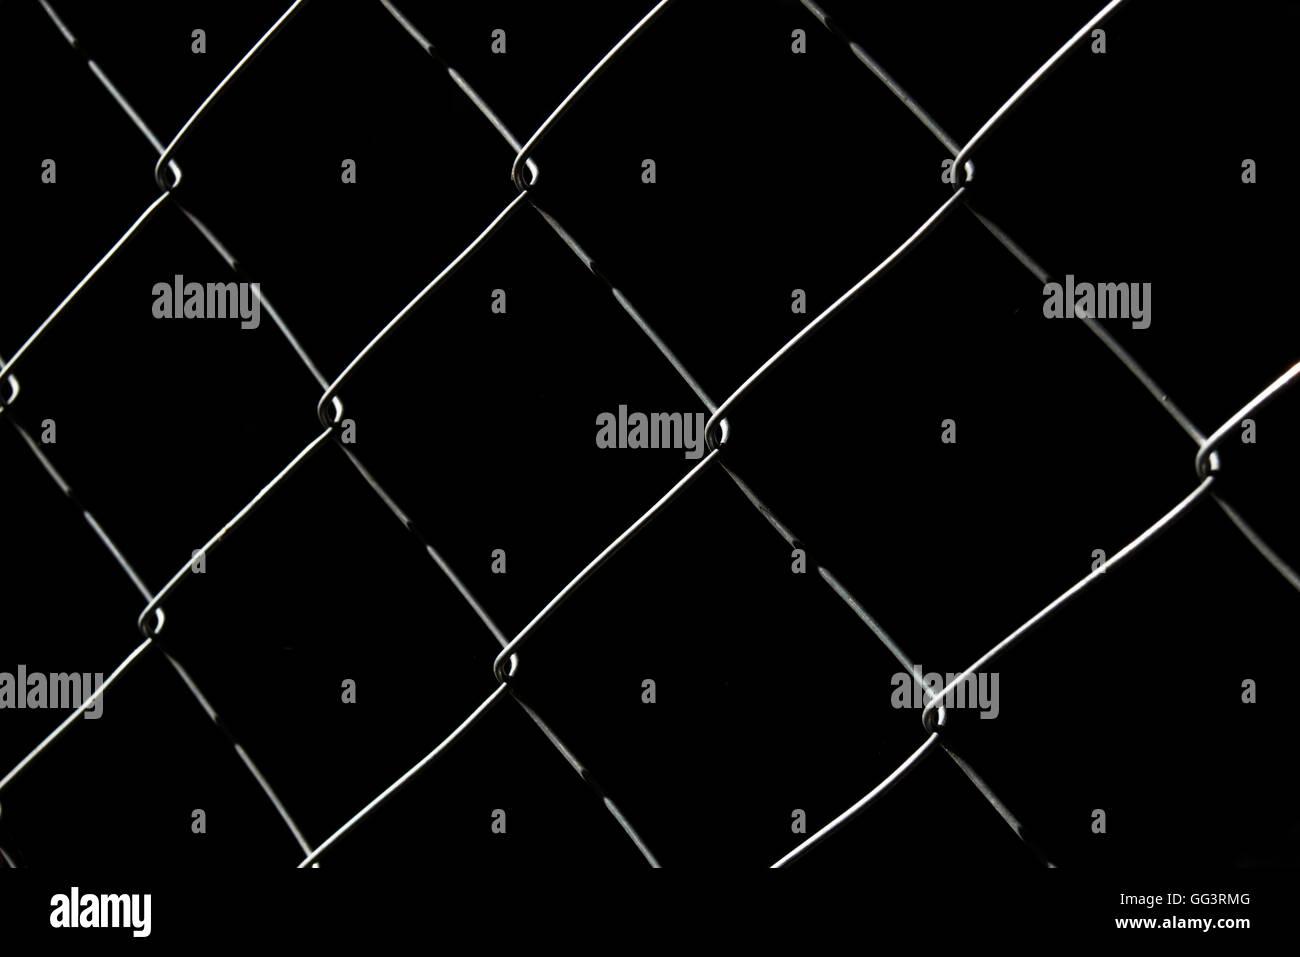 Diamond Mesh Stockfotos & Diamond Mesh Bilder - Alamy